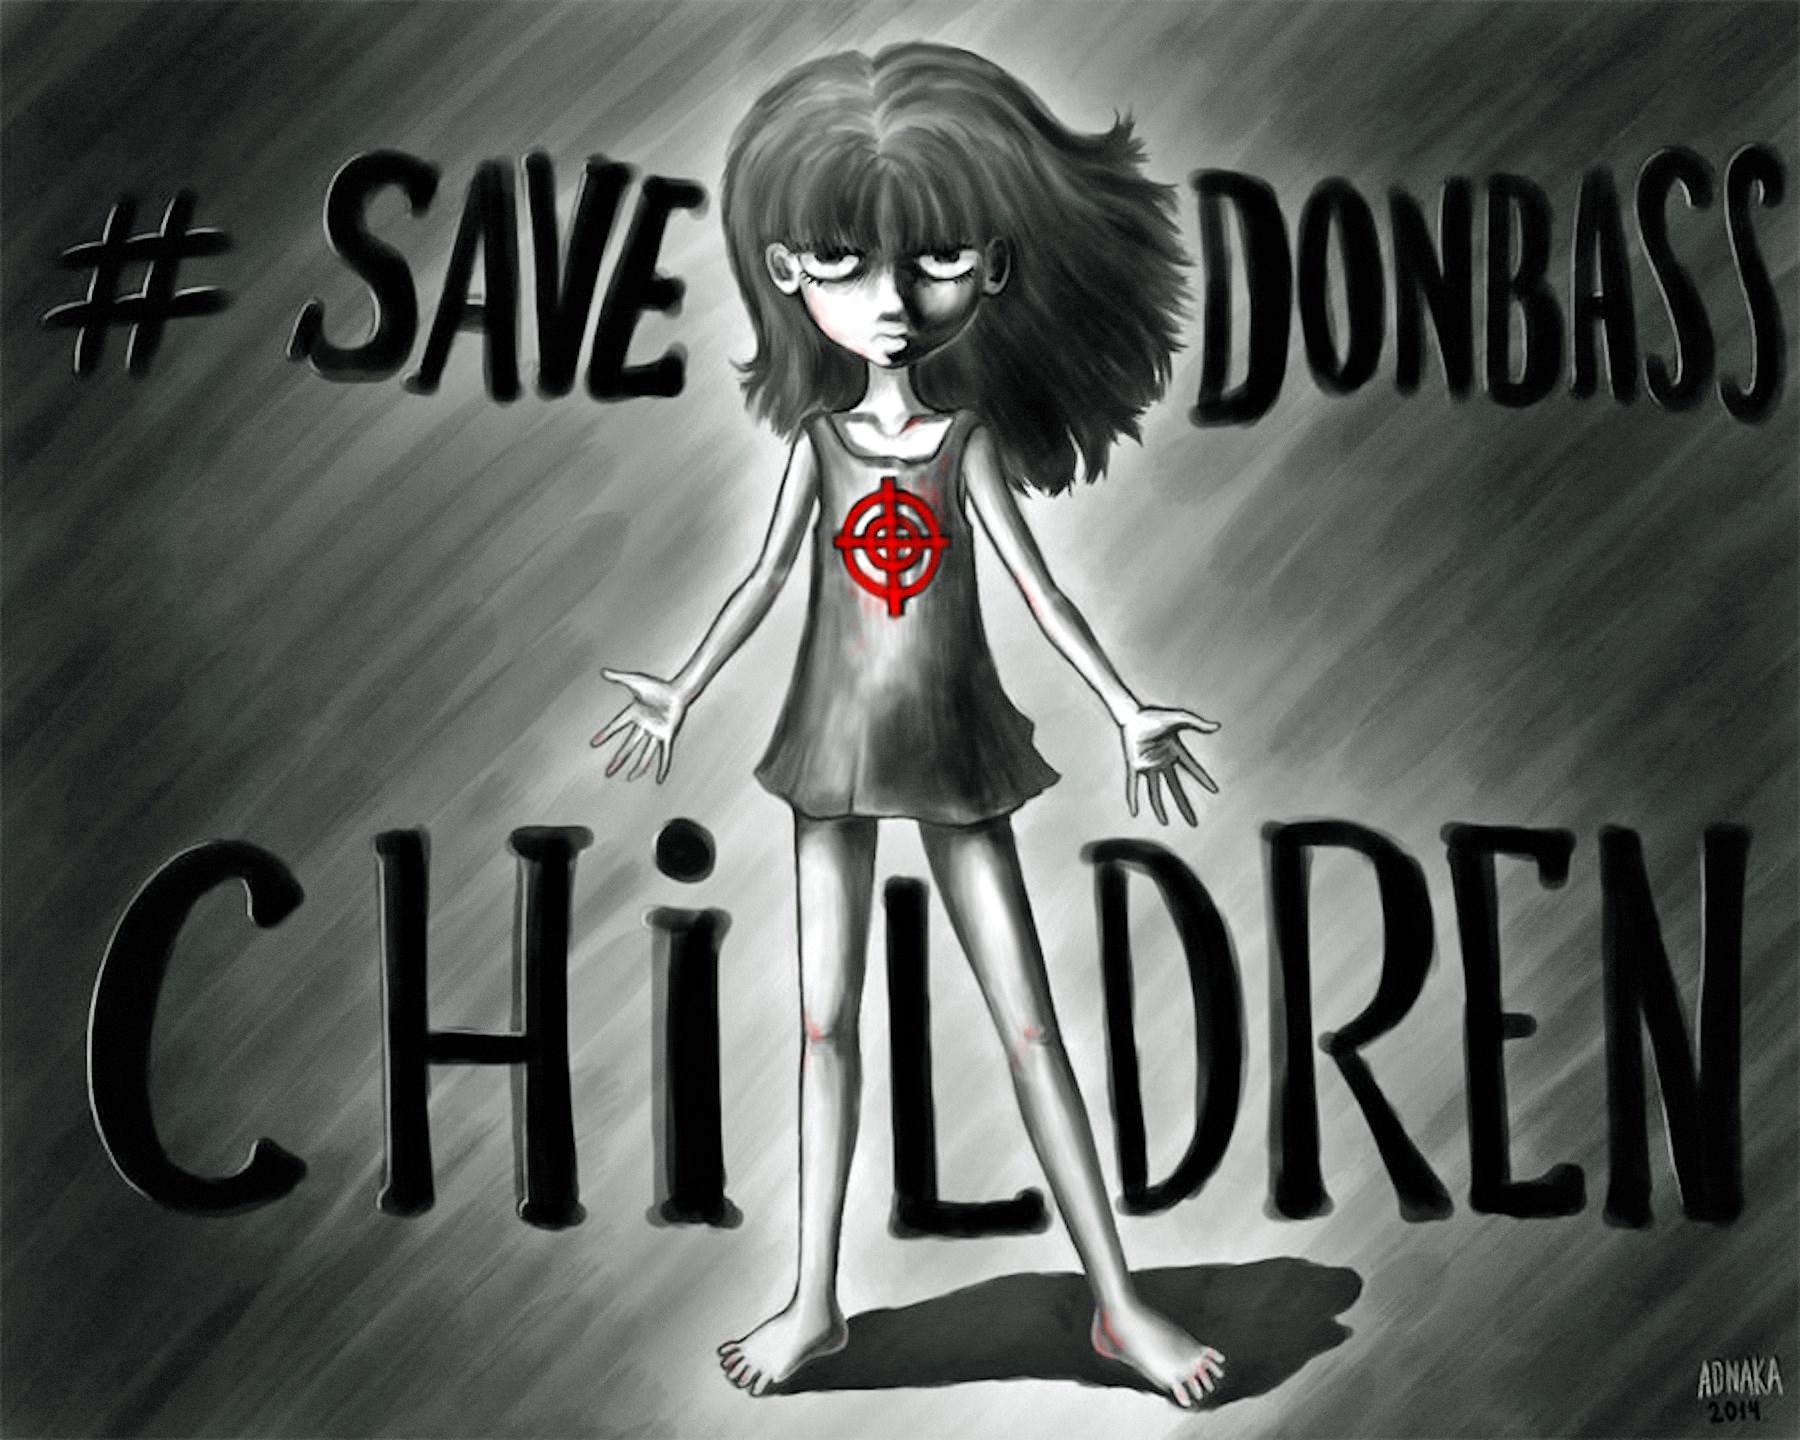 00 ADNAKA Save Dobass Children 2014